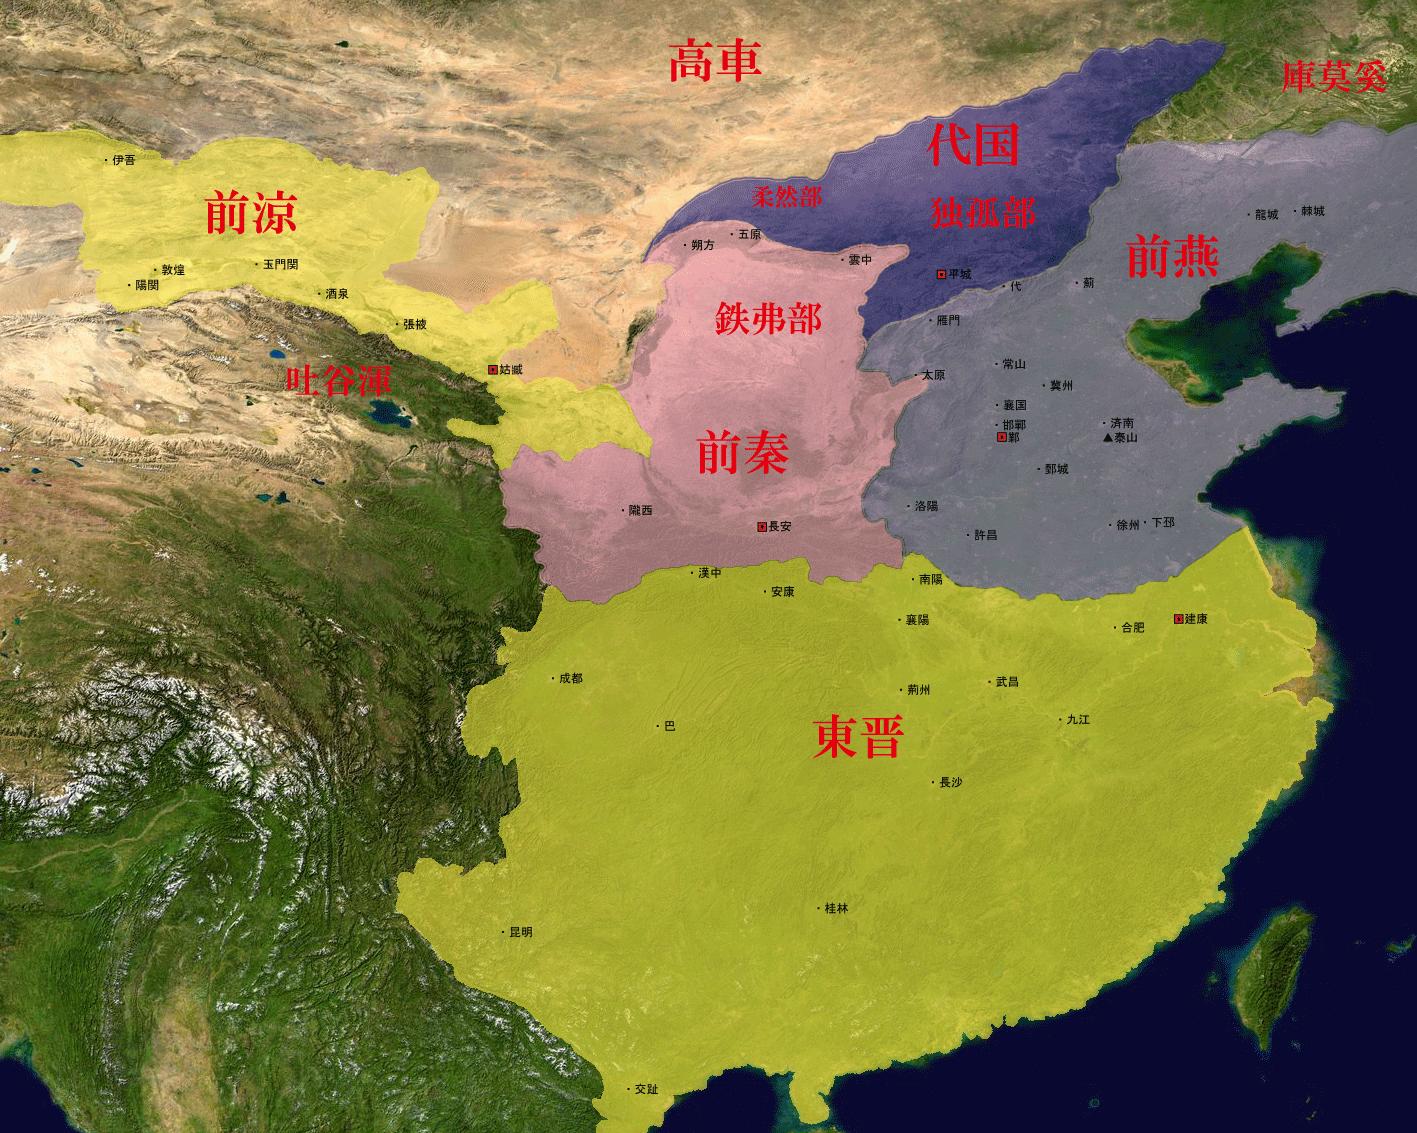 華北の前秦と前燕の対峙